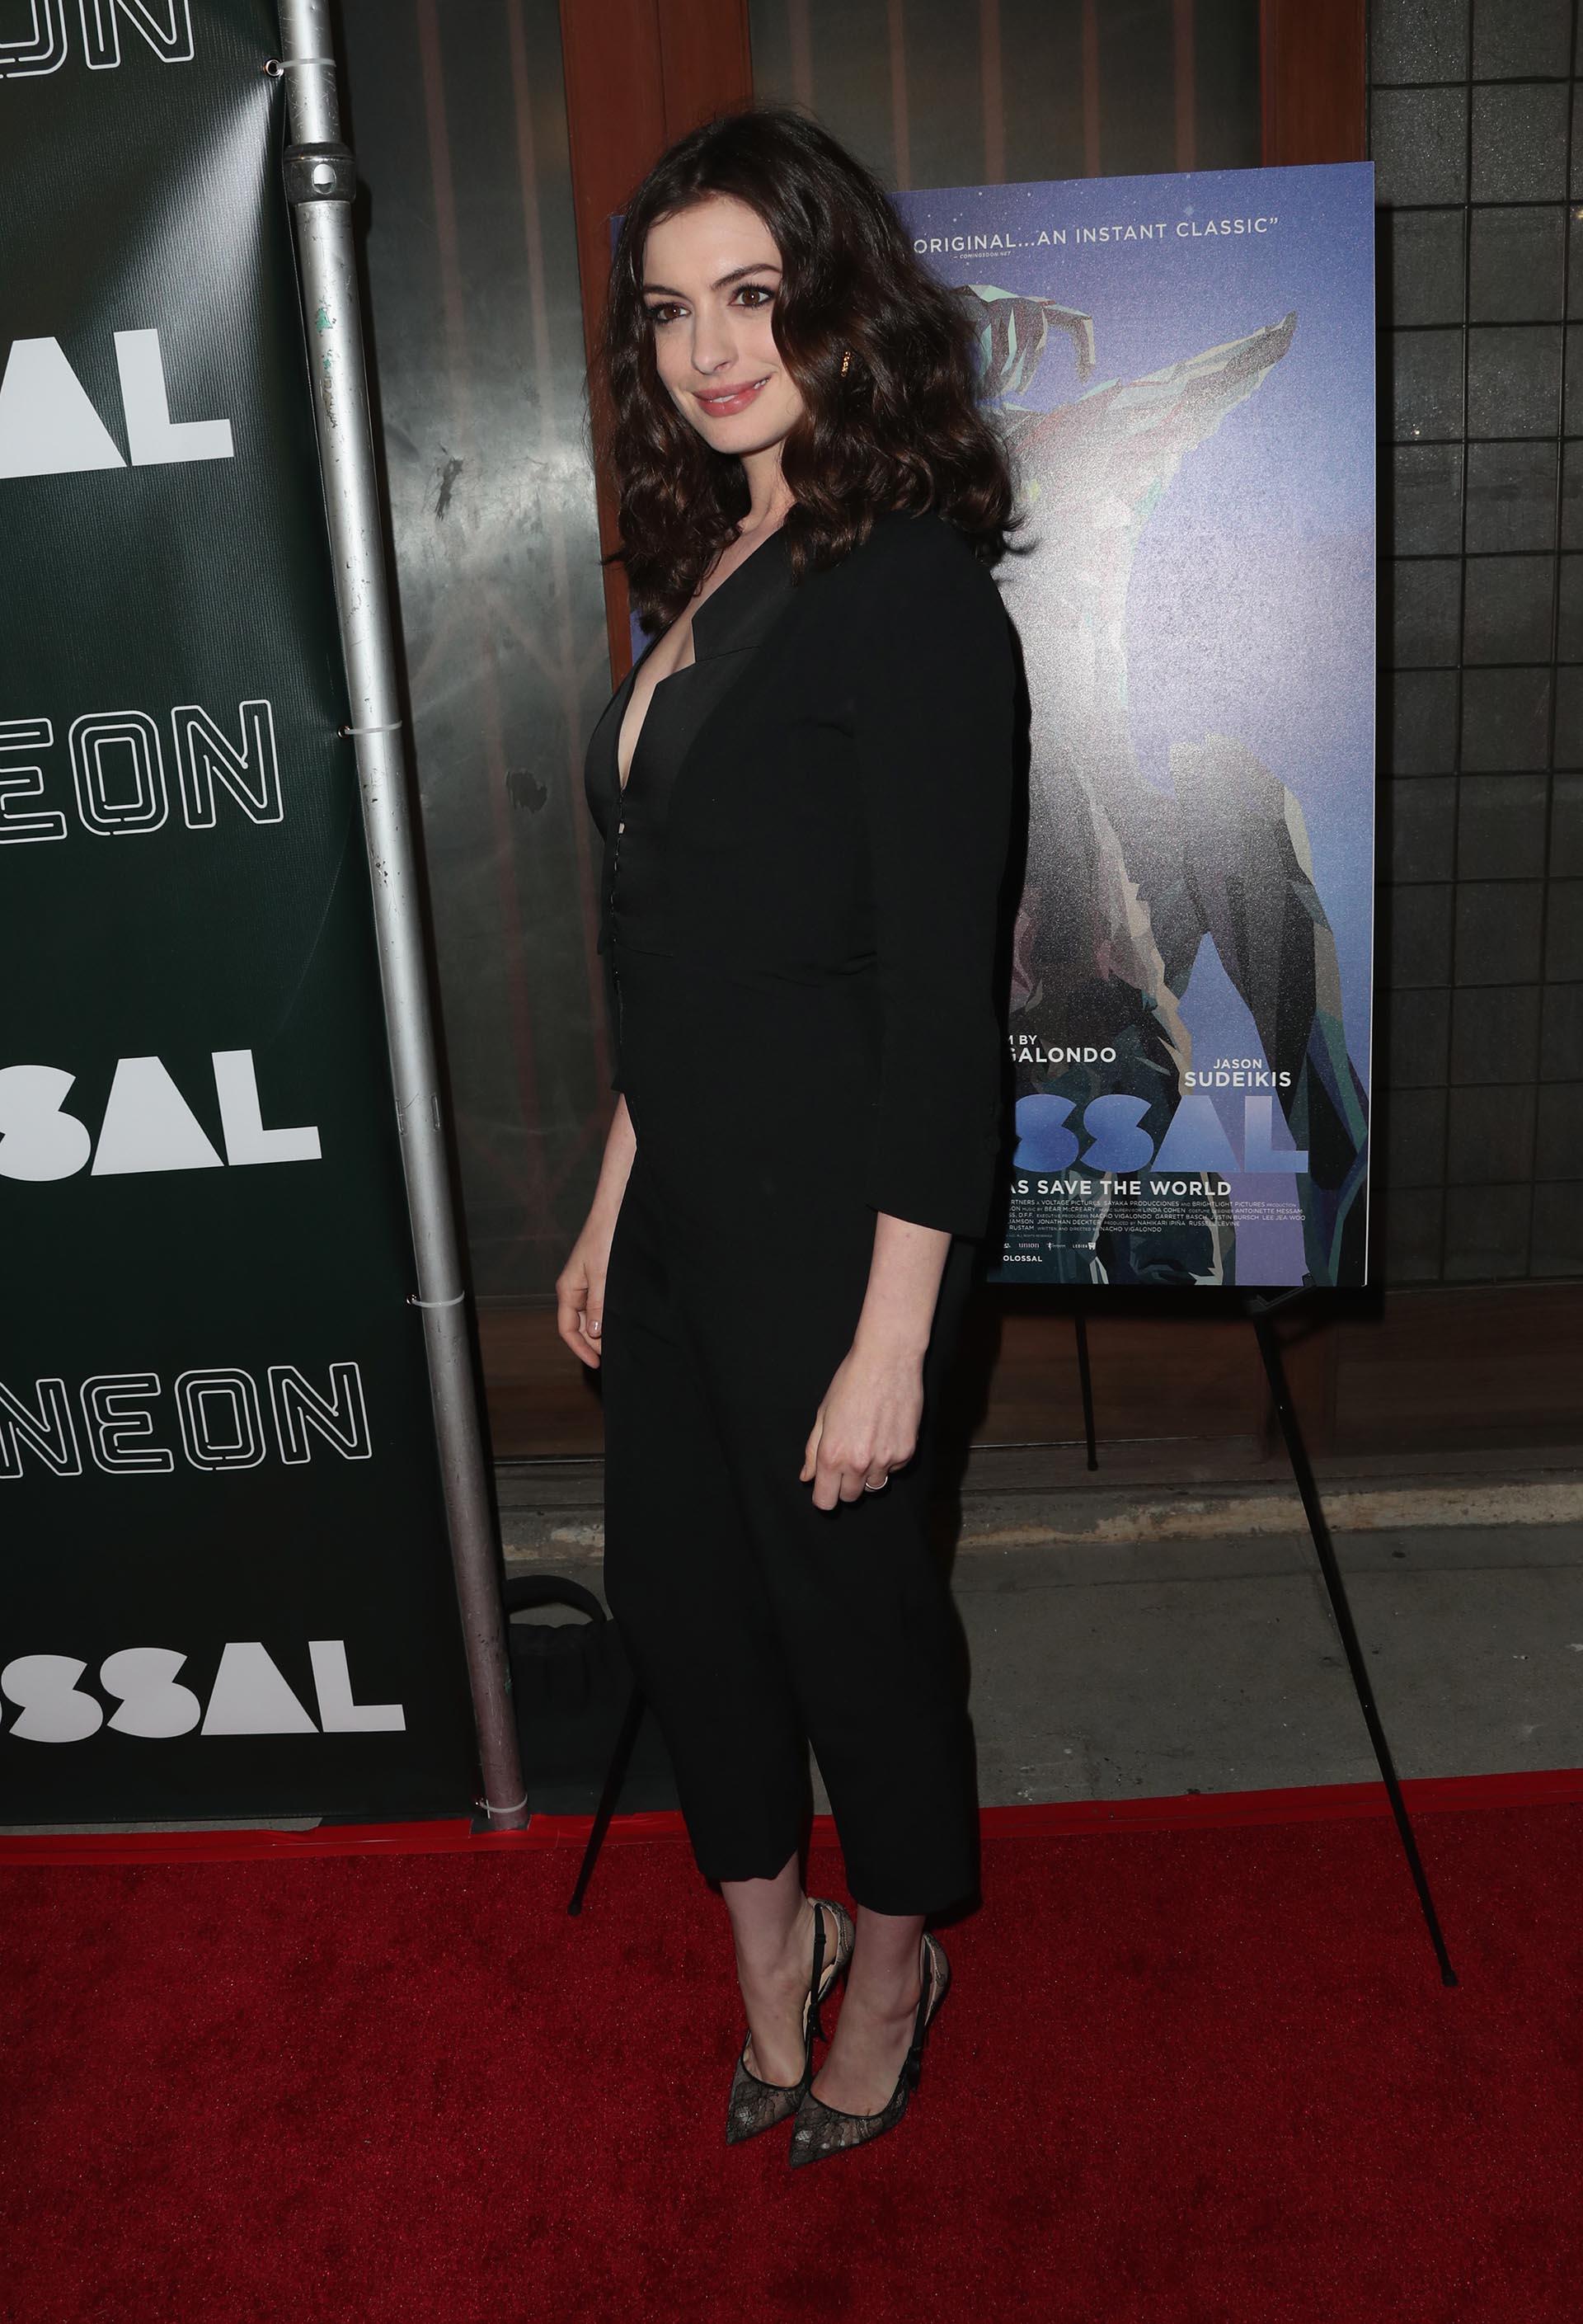 """La multipremiada actriz, que debutó en 1999, ganó un Óscar en 2012 por su desempeño como mejor actriz de reparto en """"Los Miserables"""""""